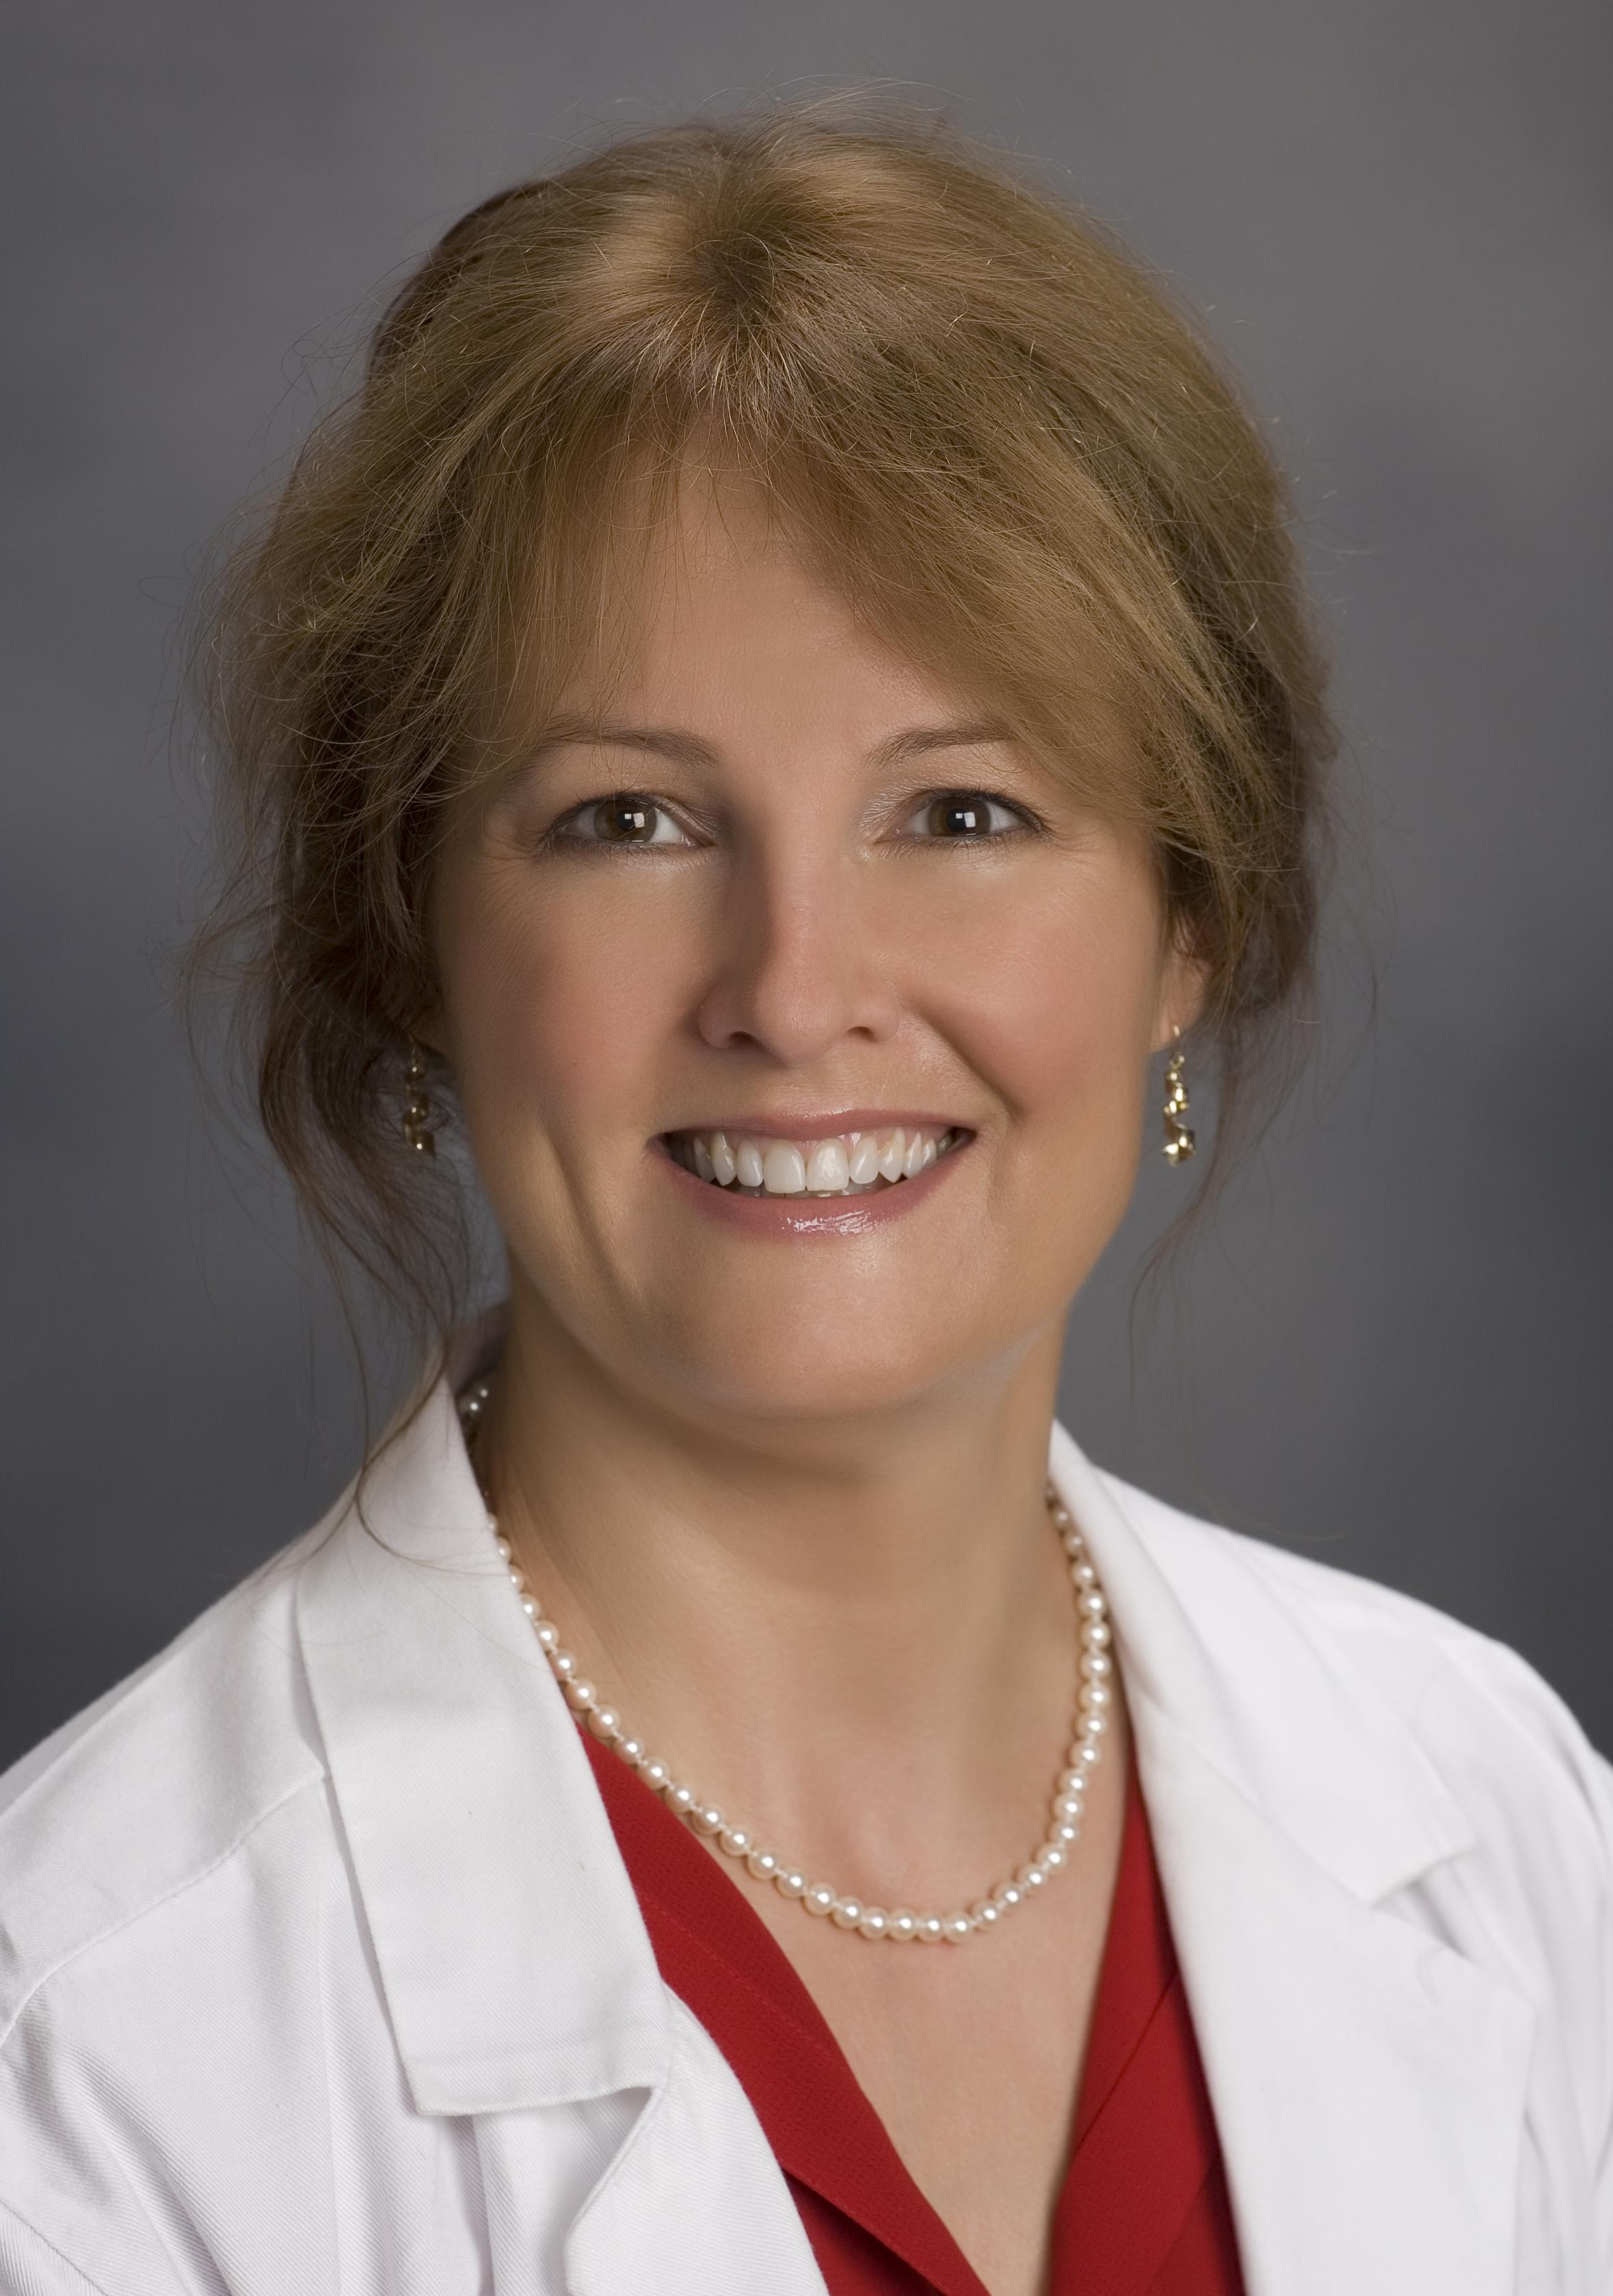 dr. rubin